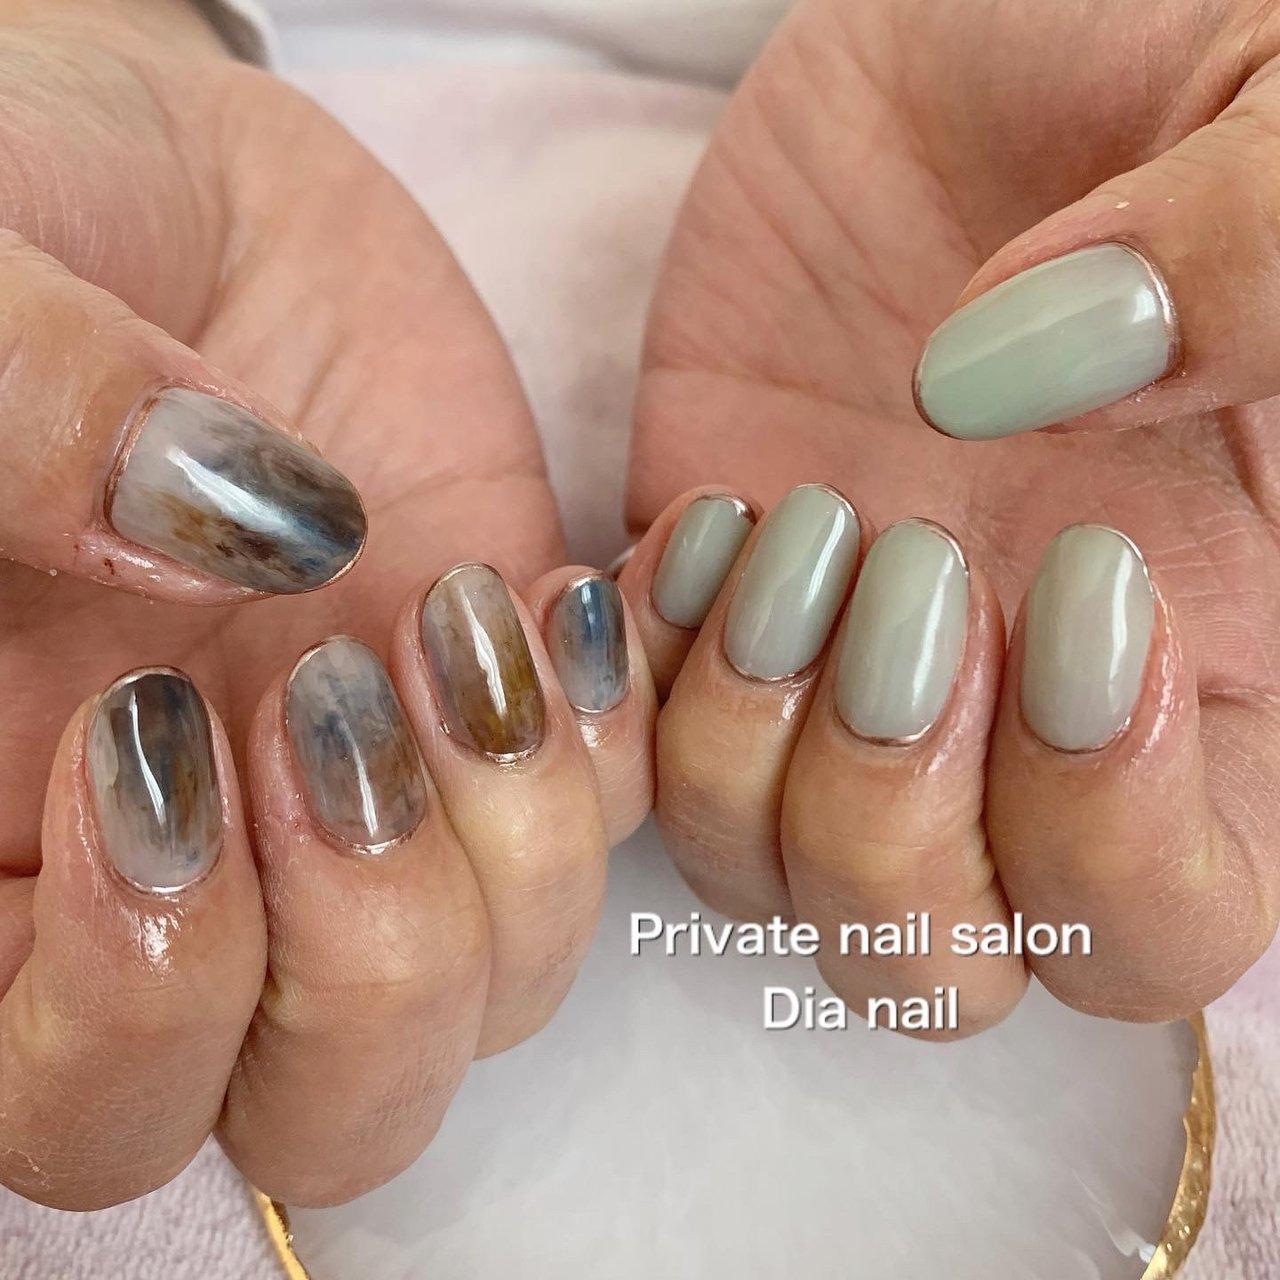 #春 #秋 #冬 #ハンド #グラデーション #ワンカラー #ニュアンス #Private nail salon Dia nail #ネイルブック